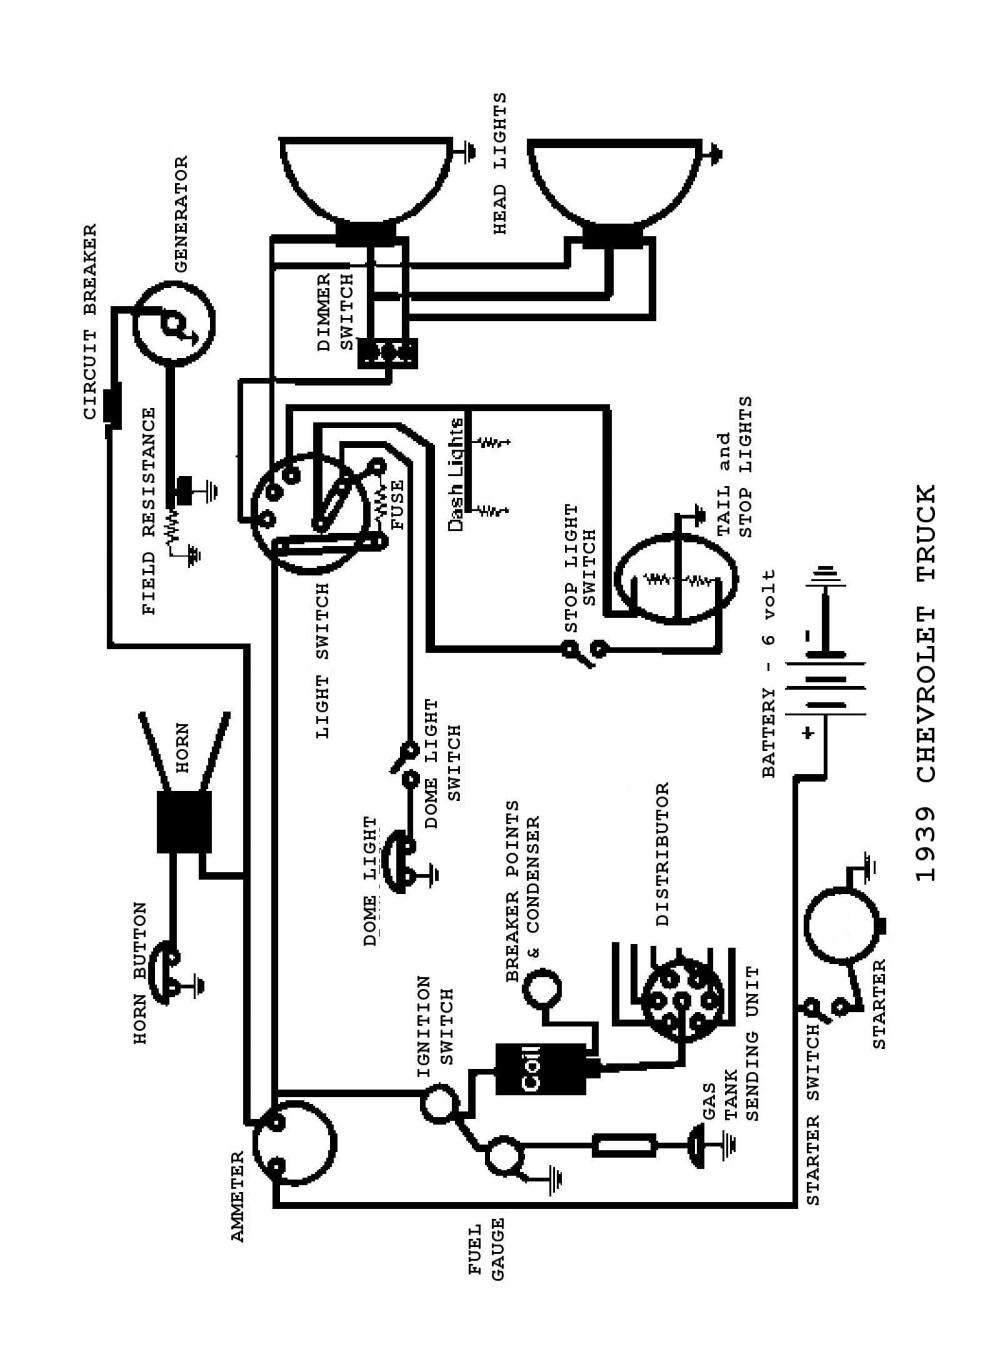 medium resolution of 1086 international tractor wiring diagram wiring diagrams lol 1086 ih tractor wiring diagram